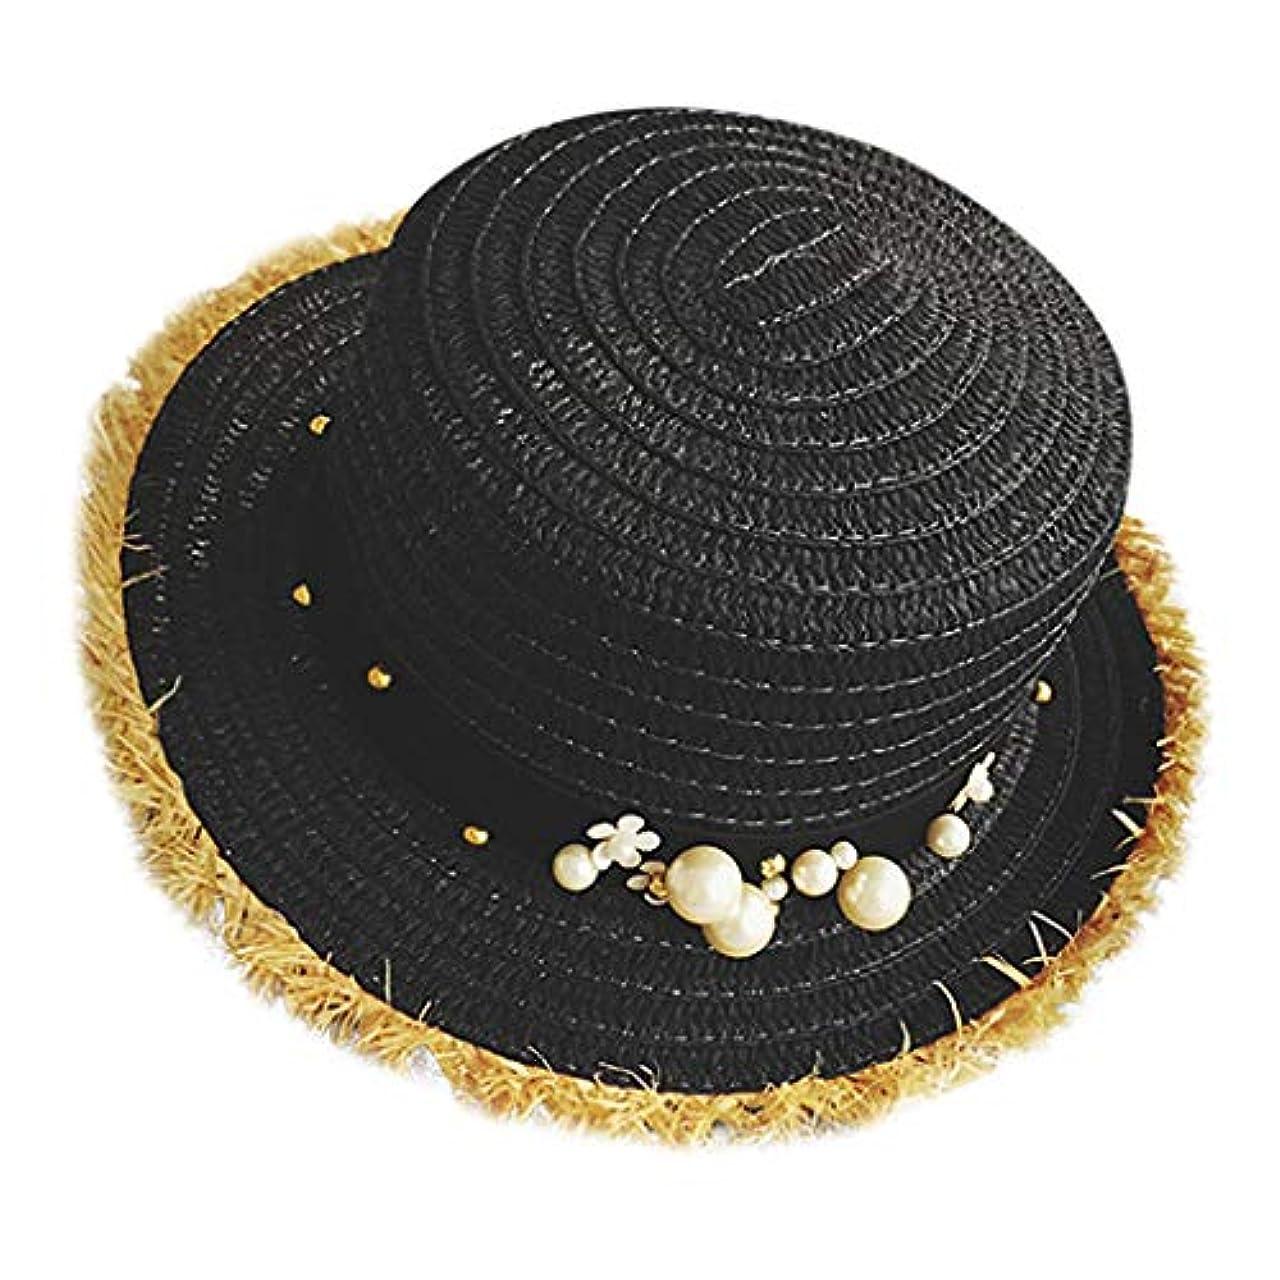 害僕の背が高い帽子 レディース UVカット 帽子 麦わら帽子 UV帽子 紫外線対策 通気性 漁師の帽子 ニット帽 マニュアル 真珠 太陽 キャップ 余暇 休暇 キャップ レディース ハンチング帽 大きいサイズ 発送 ROSE ROMAN